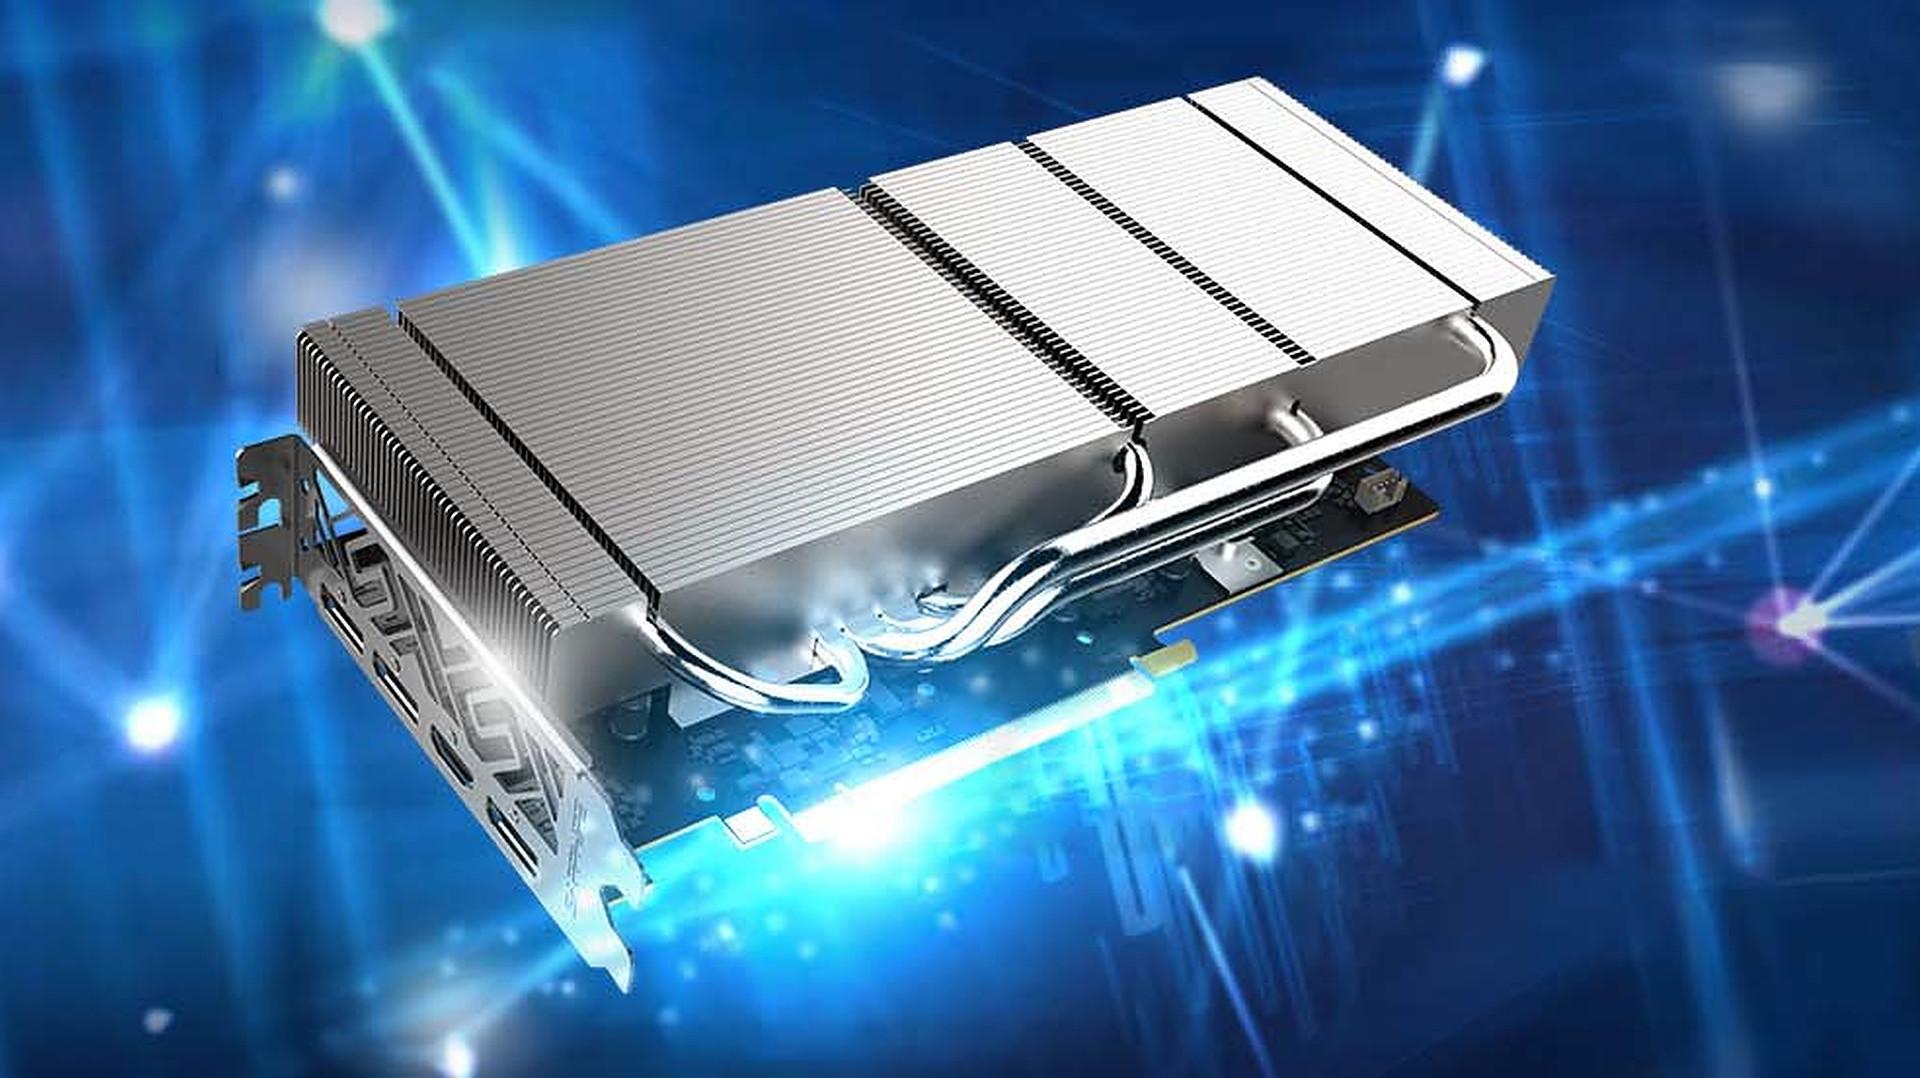 صورة شركة Sapphire تطلق البطاقة الرسومية الجديدة GPRO X070 المخصصة للتعدين